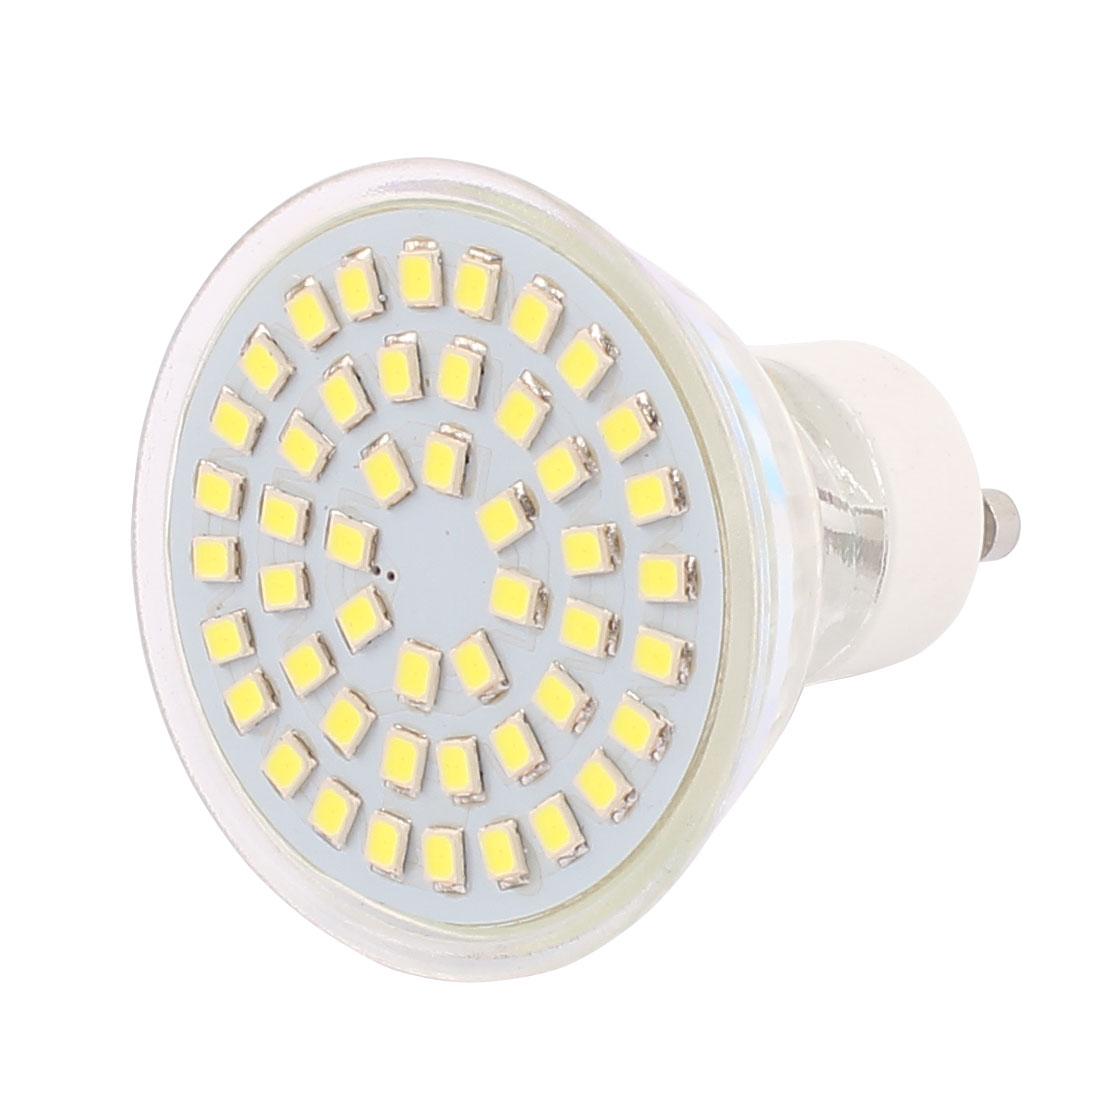 110V GU10 LED Light 4W 2835 SMD 48 LEDs Spotlight Down Lamp Bulb Lighting Pure White